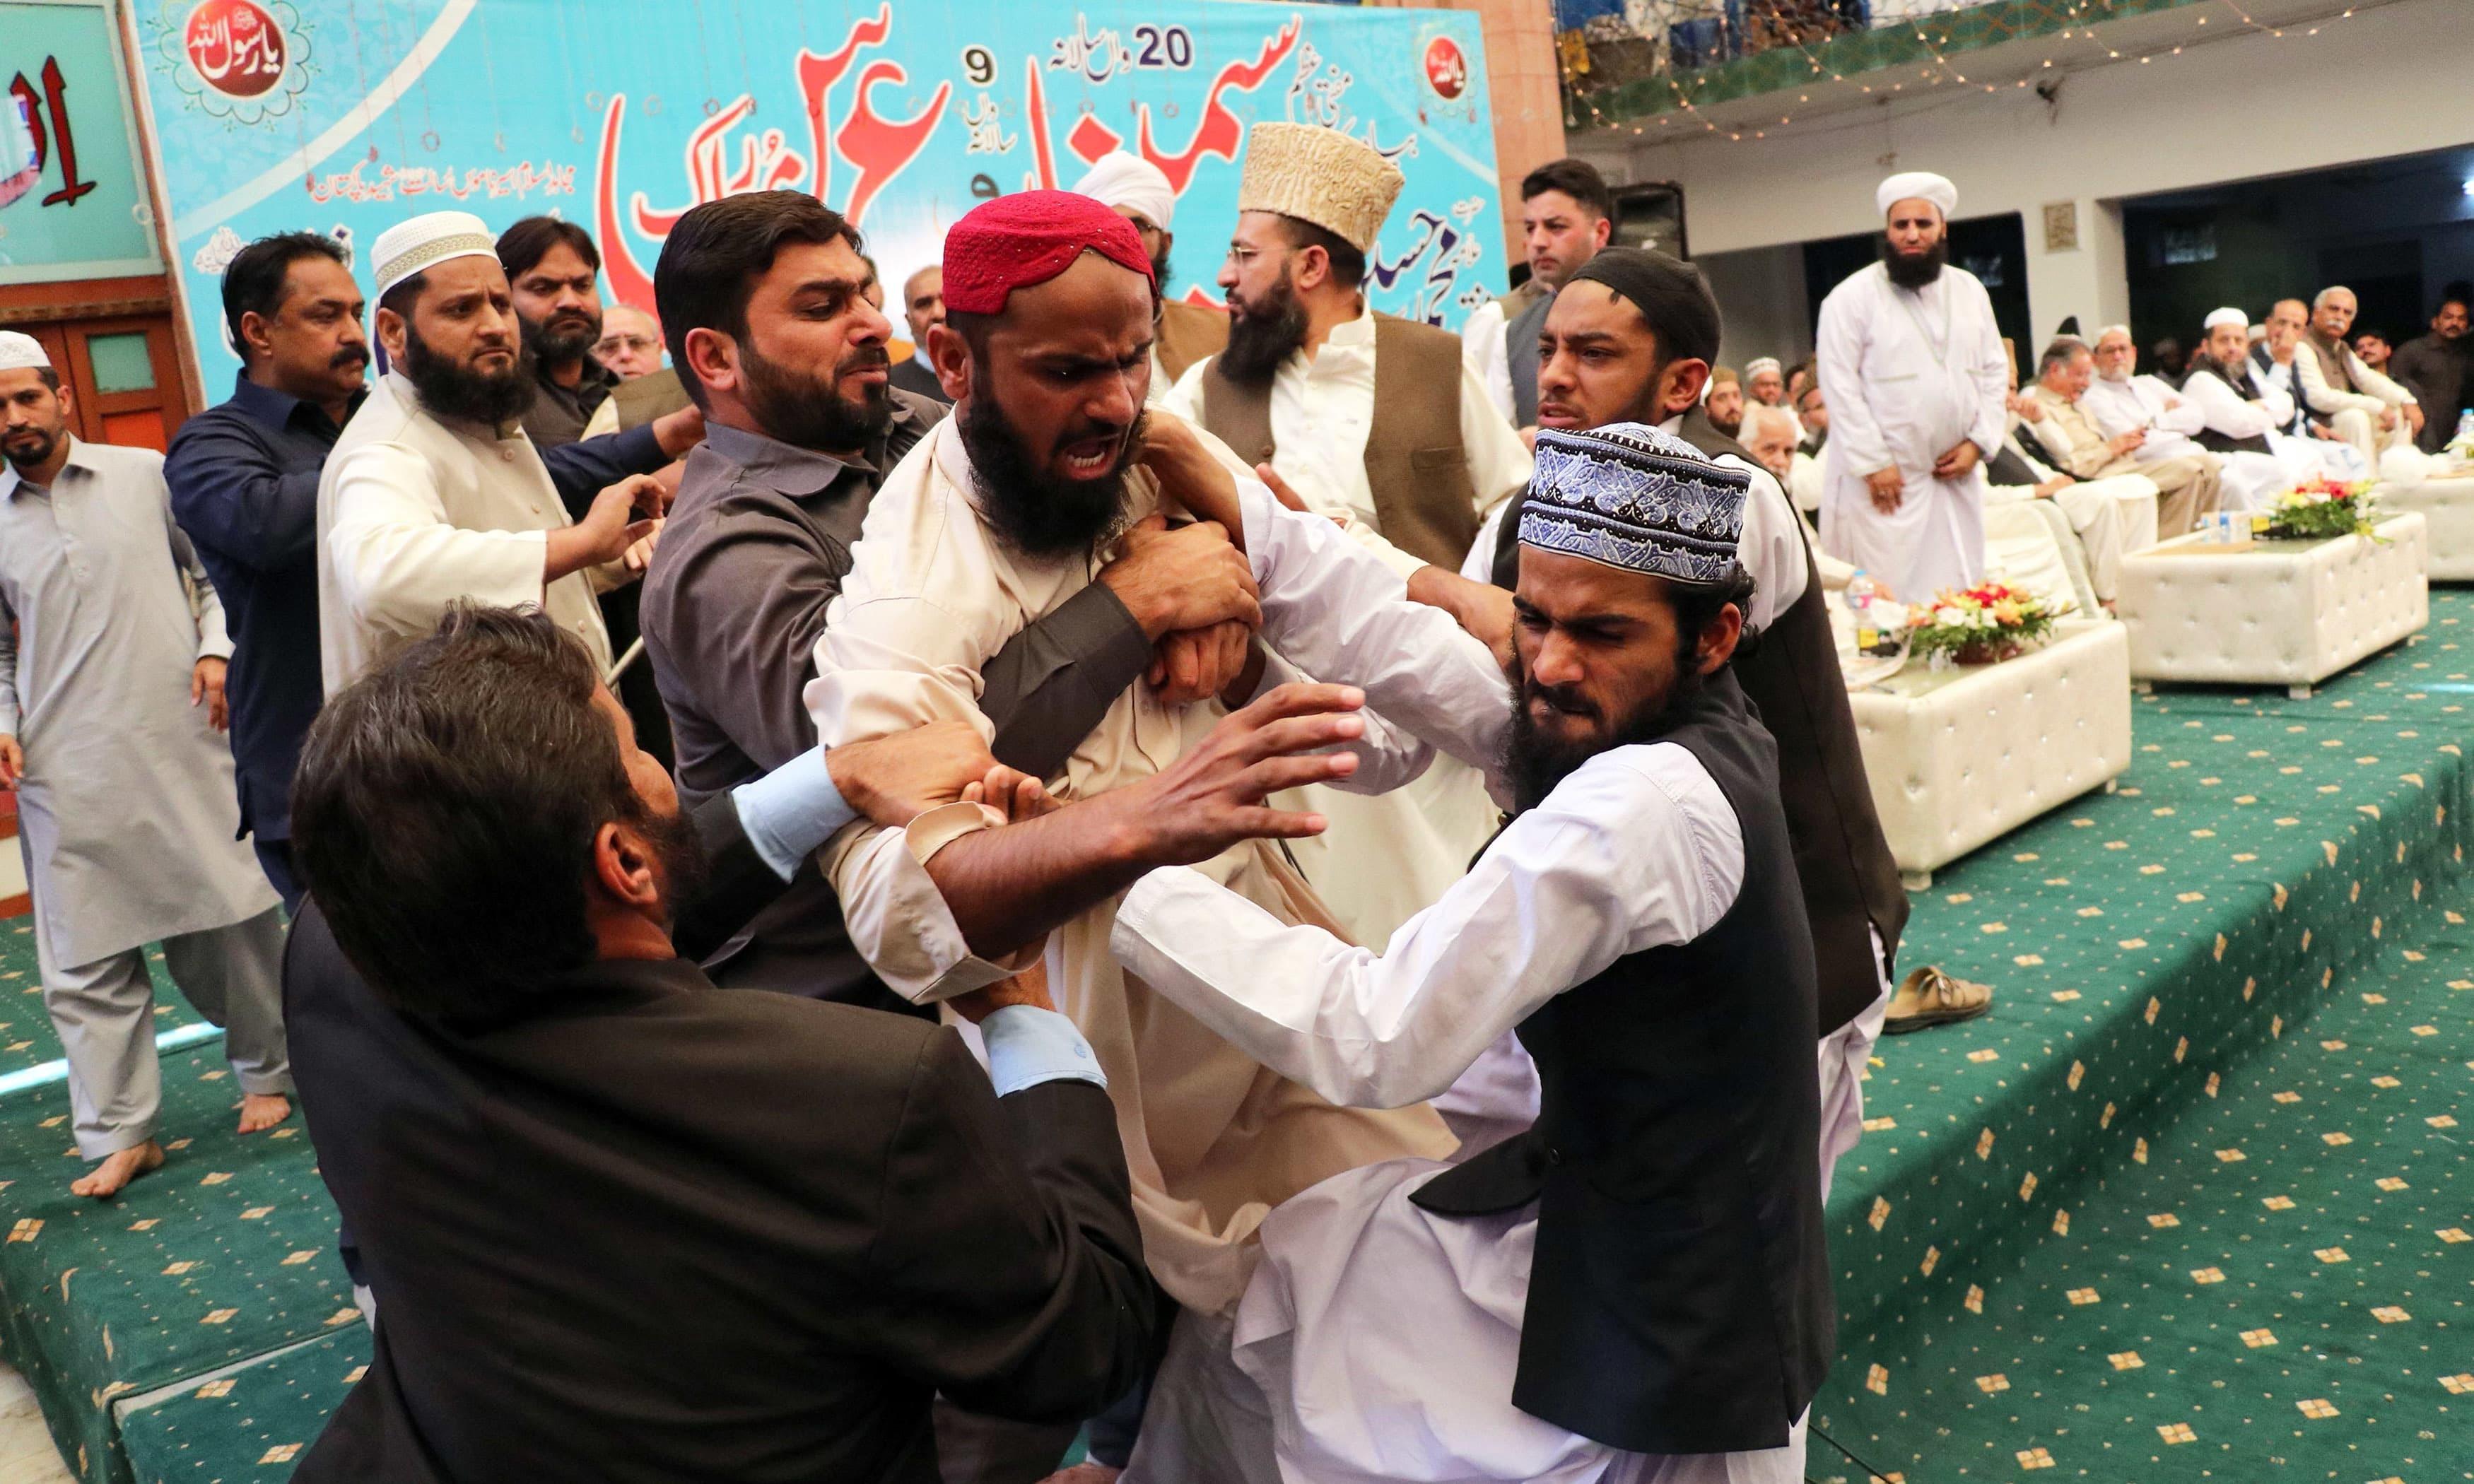 FIR filed against Nawaz Sharif 'shoe-attacker'